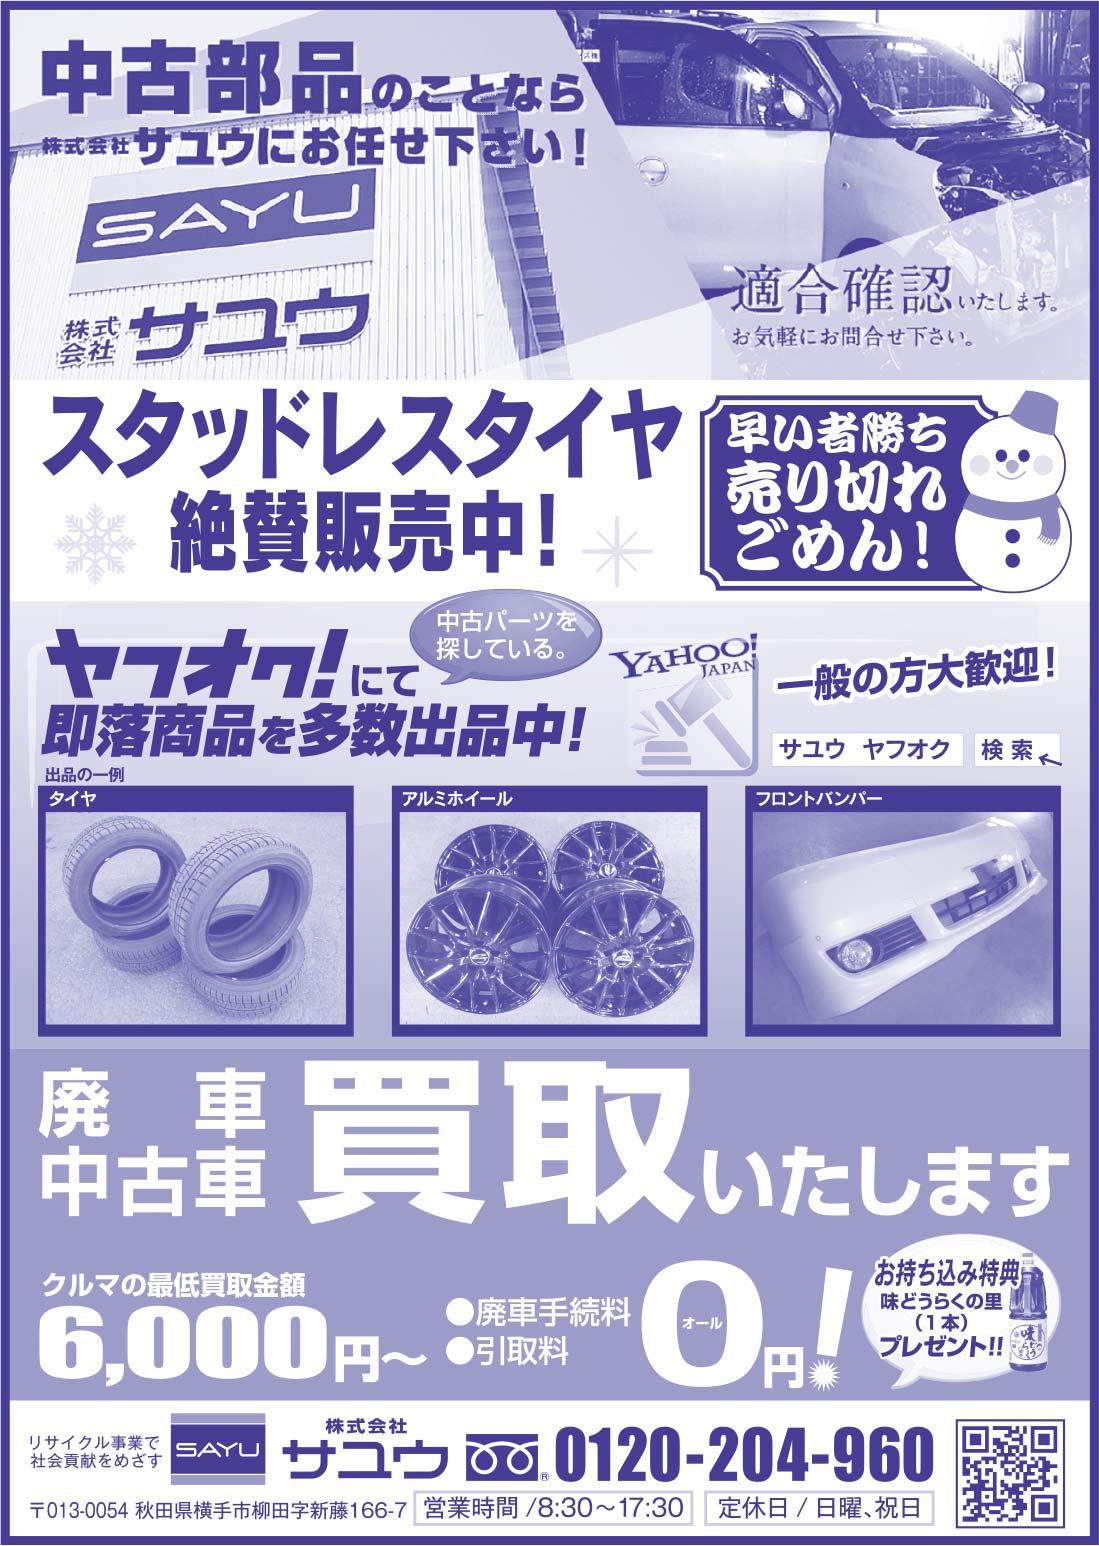 株式会社サユウ様の2019.11.01号広告